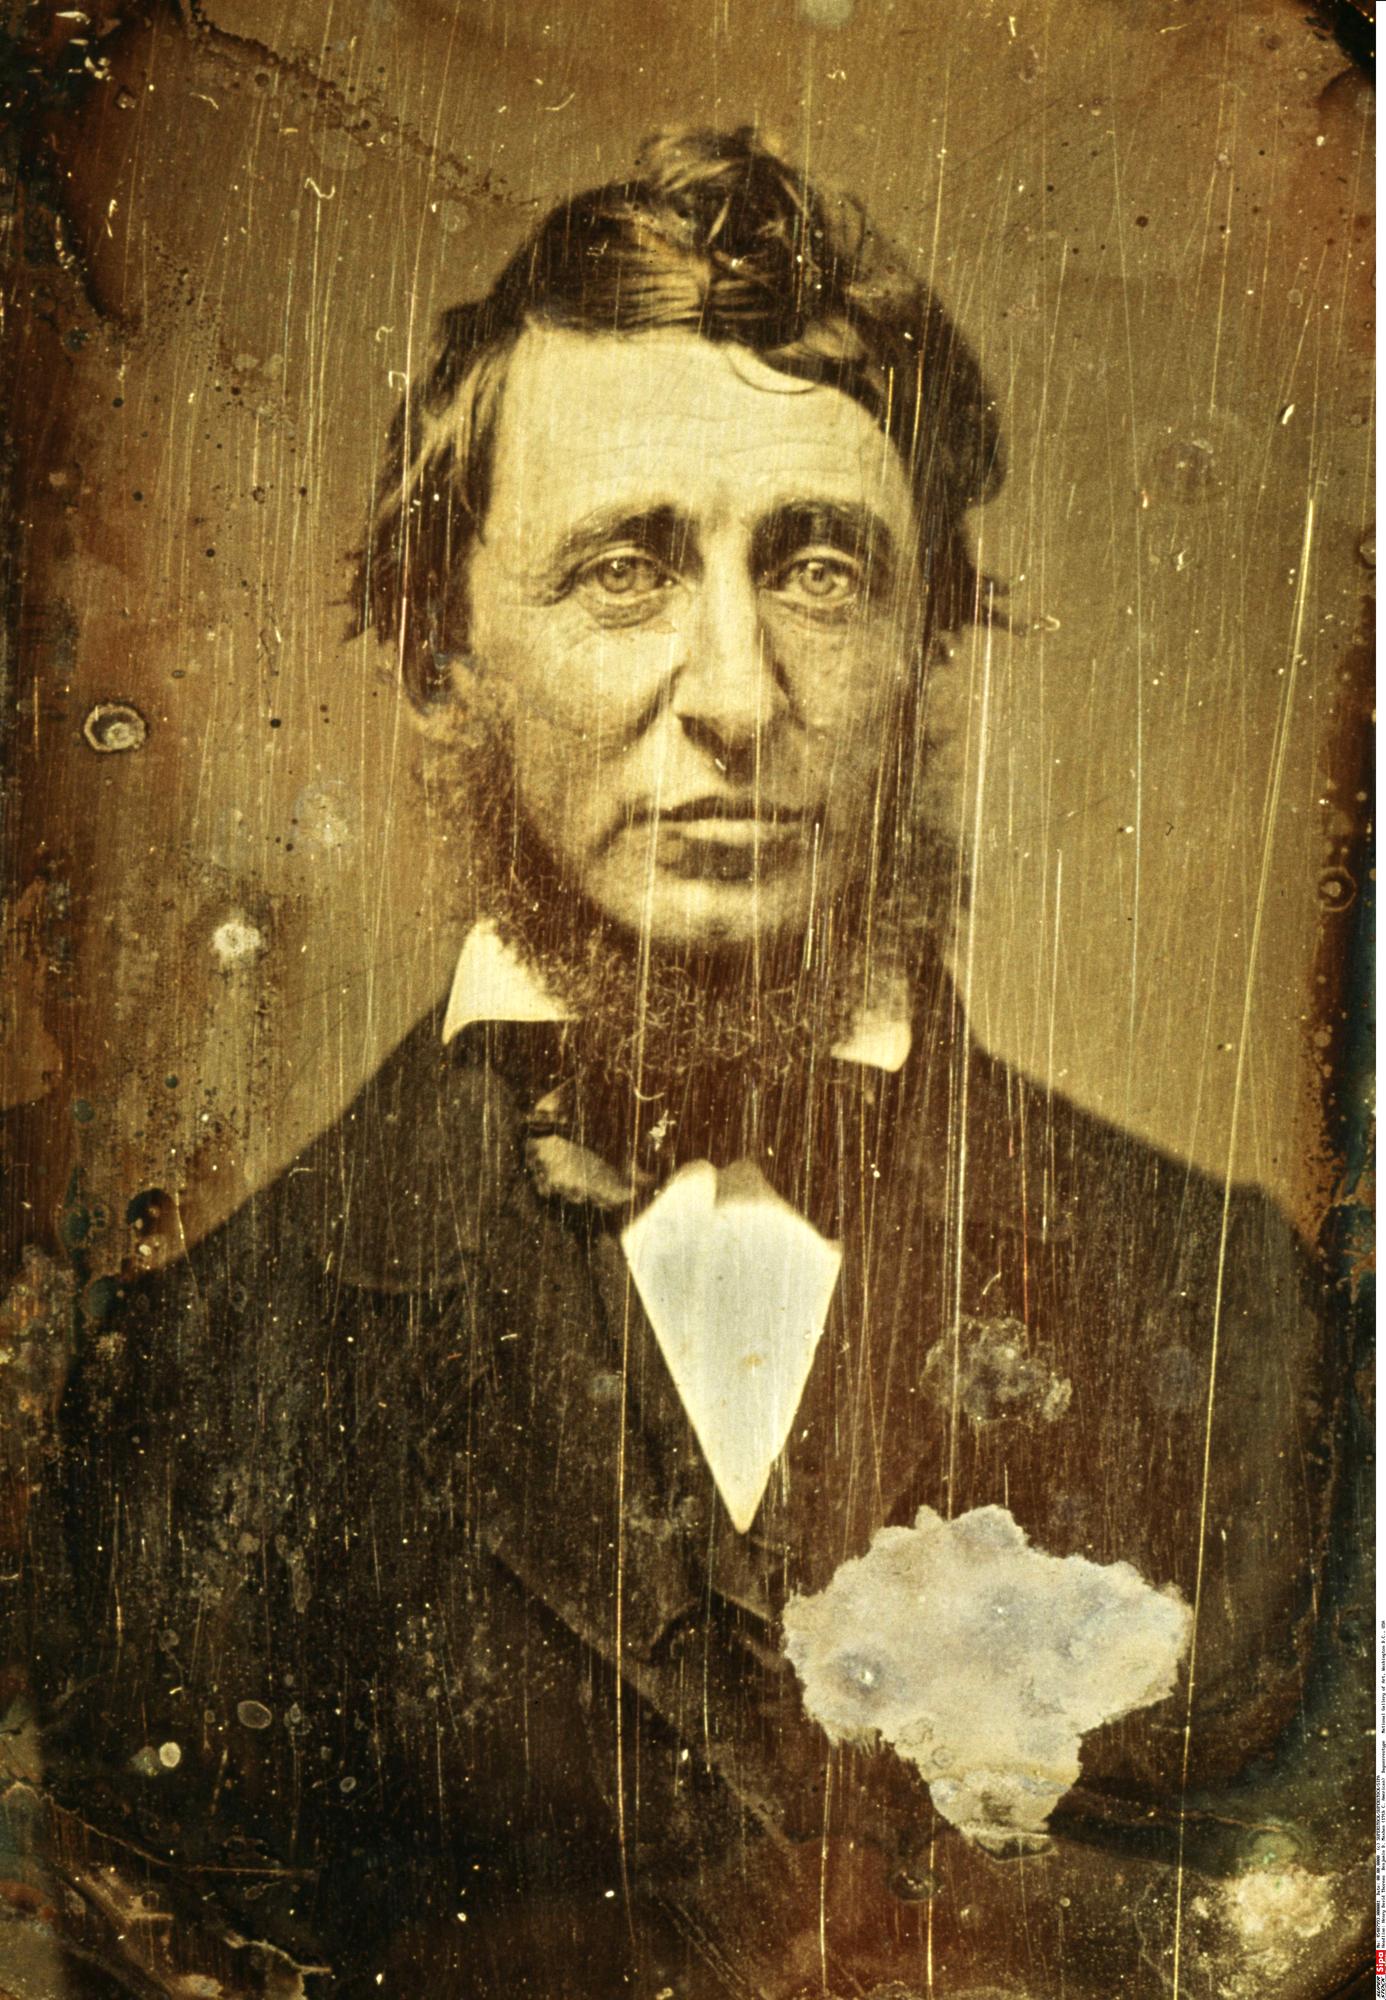 L'Américain Henry David Thoreau, proto-écologiste et maître à penser de Sansal dans son dernier roman.